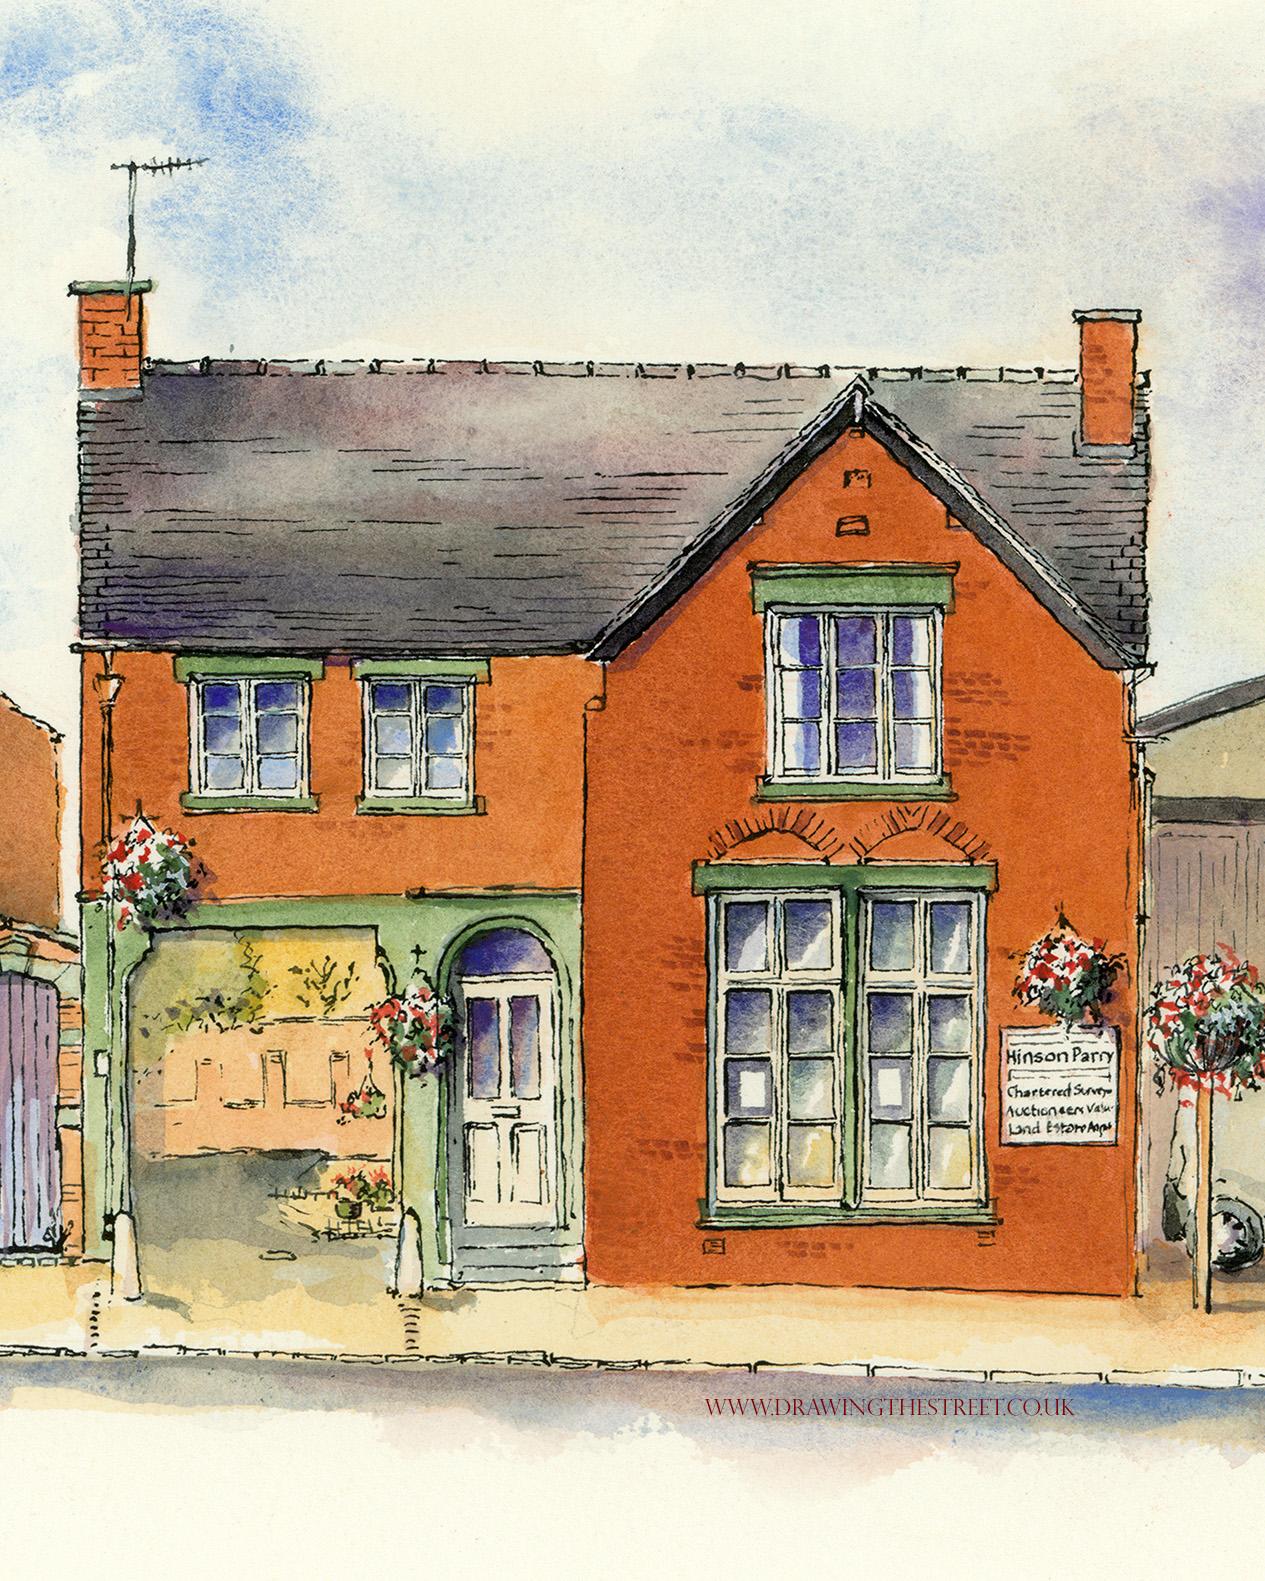 4-12-stafford-street-eccleshall-ronnie-cruwys